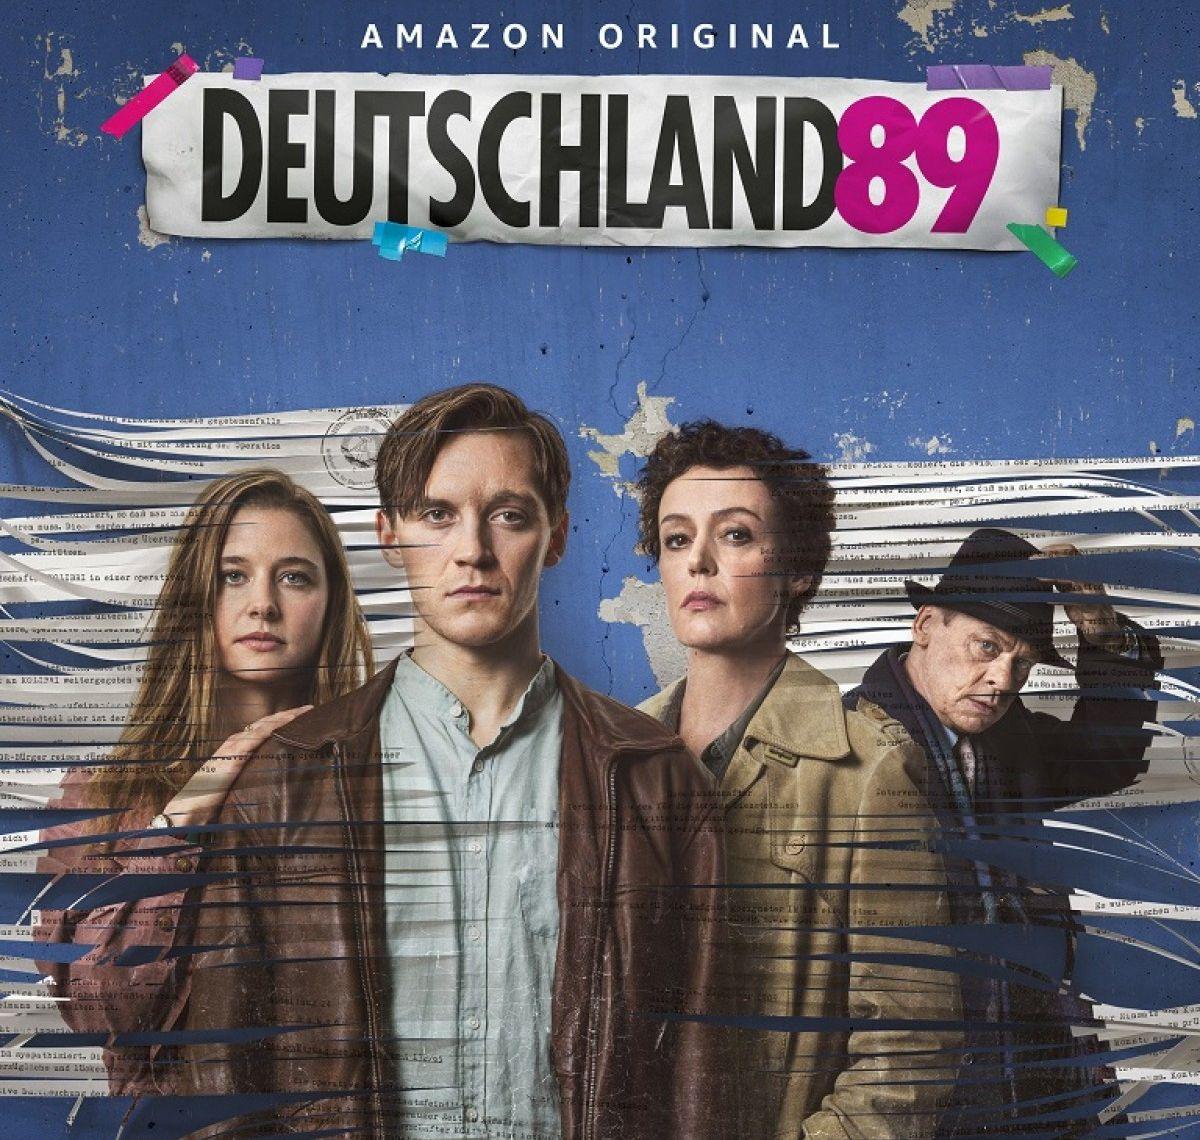 Deutschland89